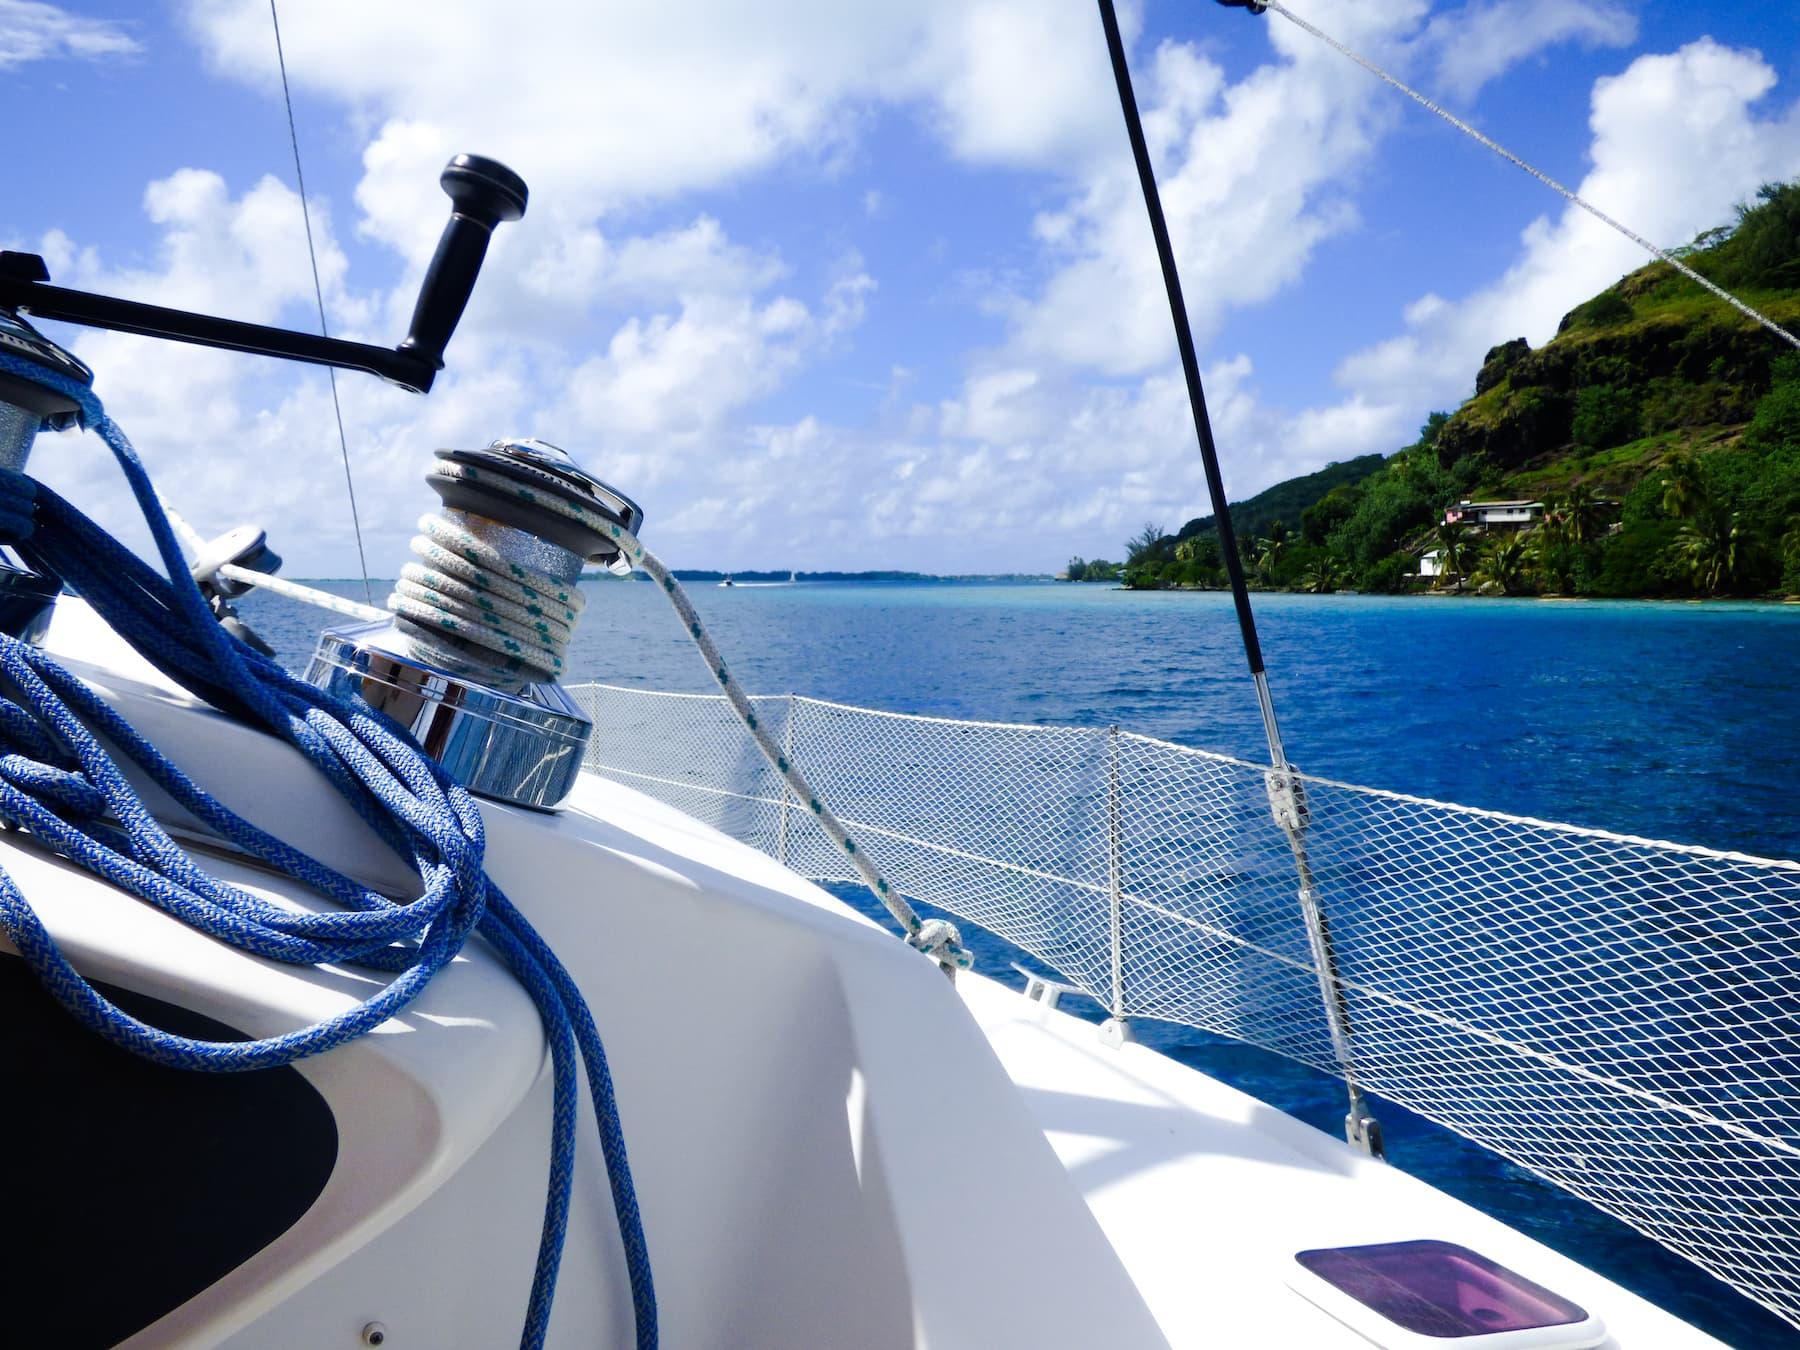 https://tahititourisme.cl/wp-content/uploads/2017/08/bateau-tlc-modif-13.jpg